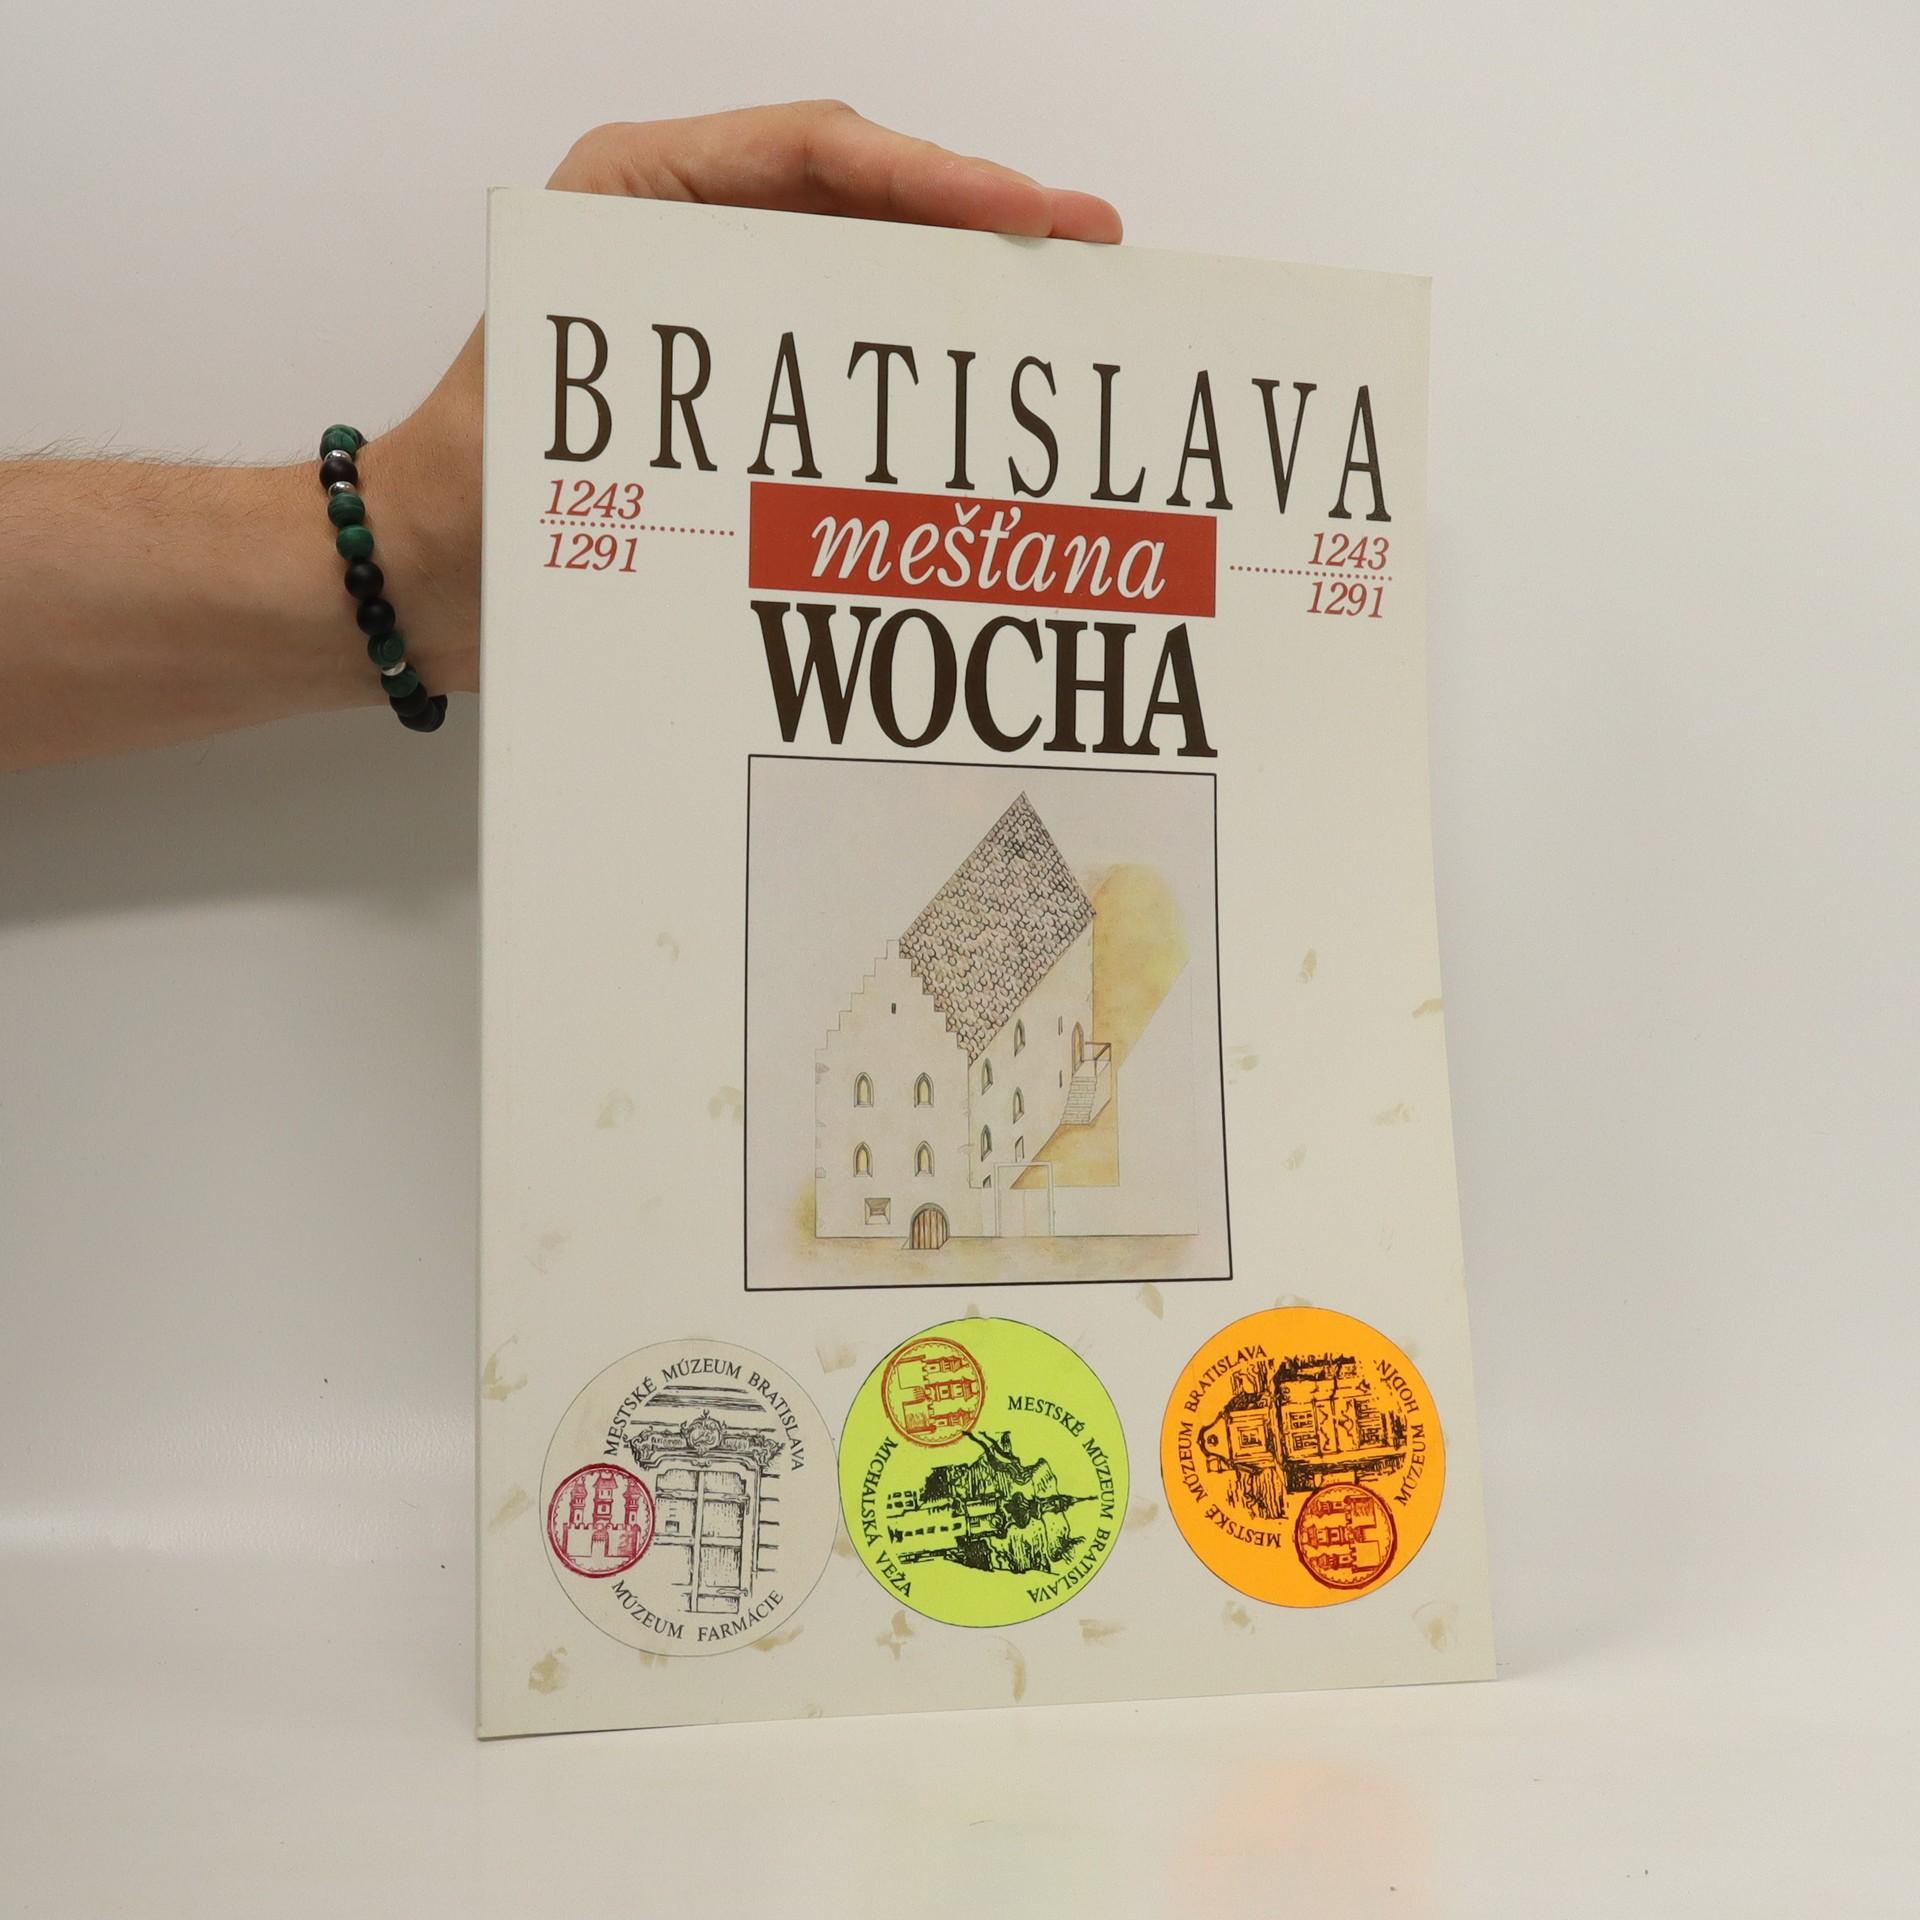 antikvární kniha Bratislava mešťana Wocha 1242-1291, 1991